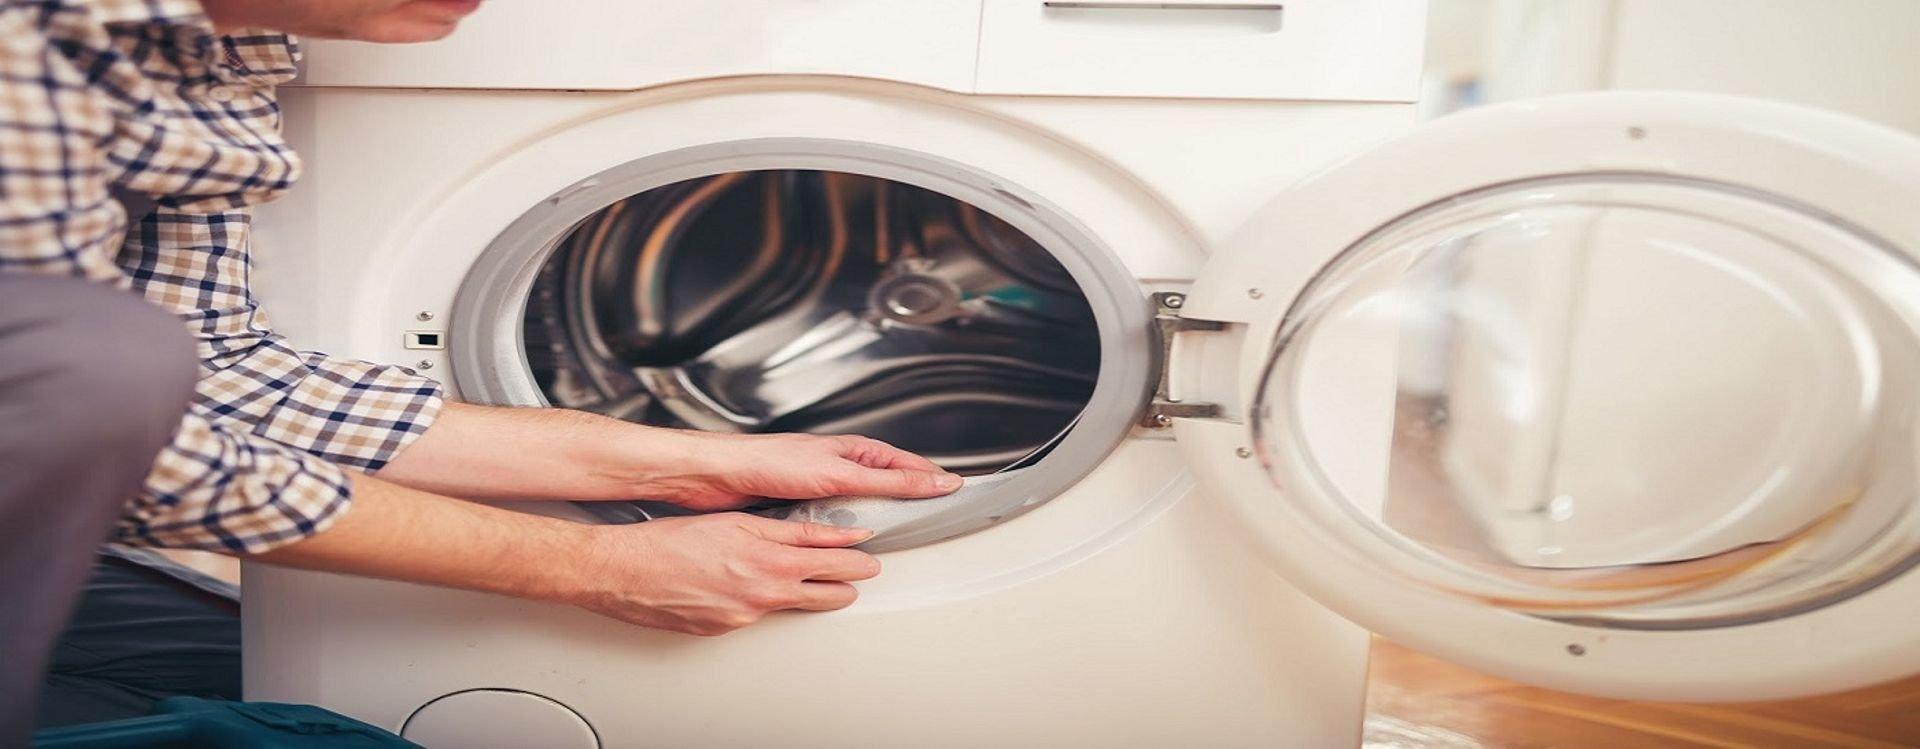 تعرفي على الطرق الصحيحة والمواد الآمنة التي يمكنك استخدامها لتنظيف غسالة الملابس في المنزل